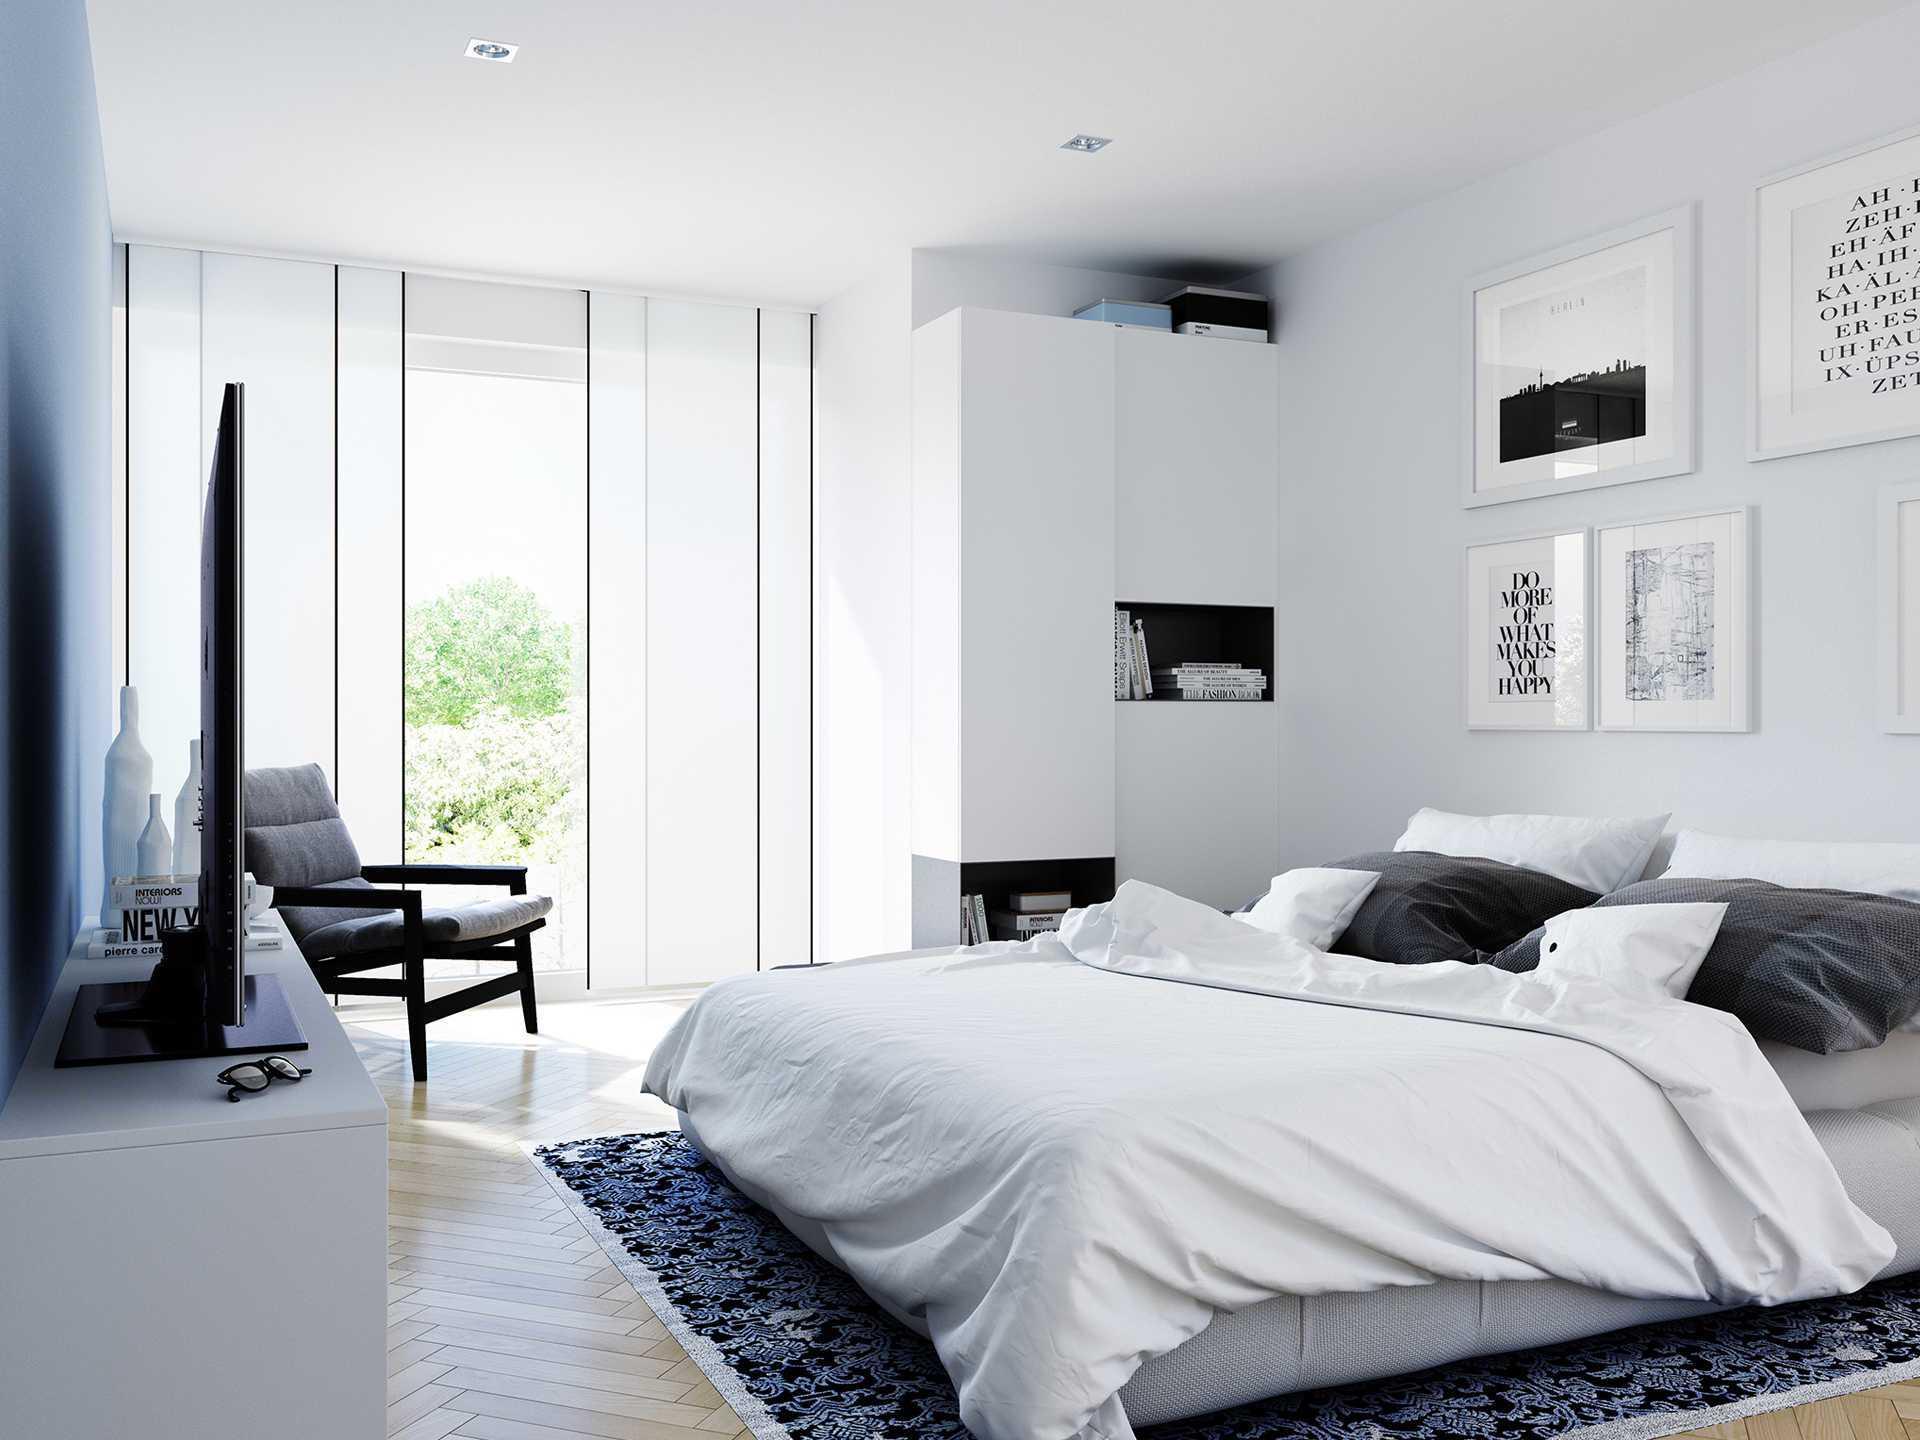 Einfamilienhaus edition 2 v2 bien zenker for Einfamilienhaus innenansicht